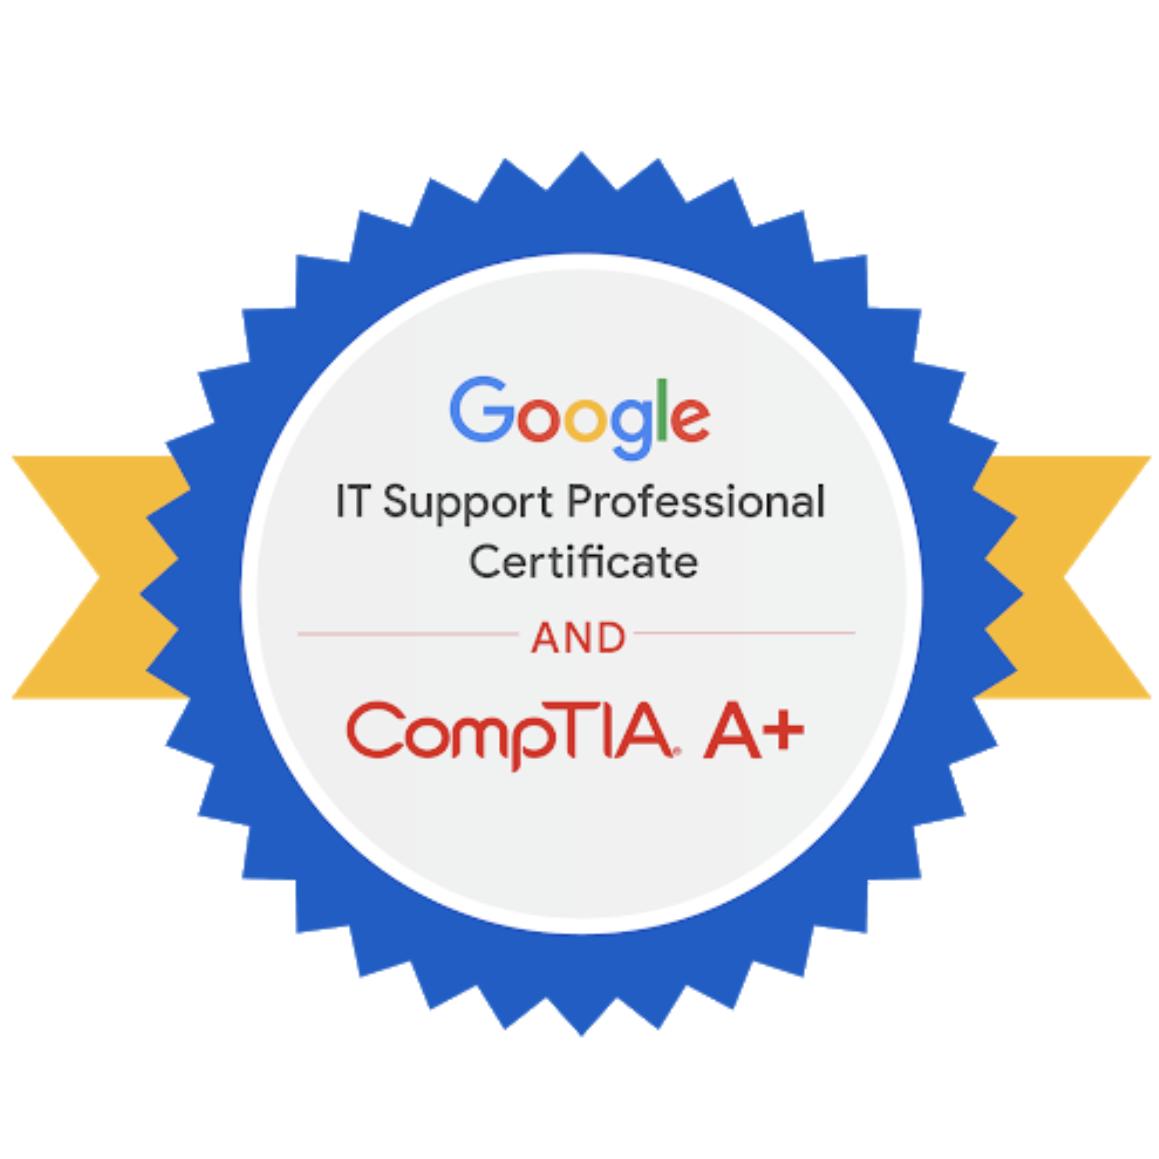 Google/CompTIA dual credential